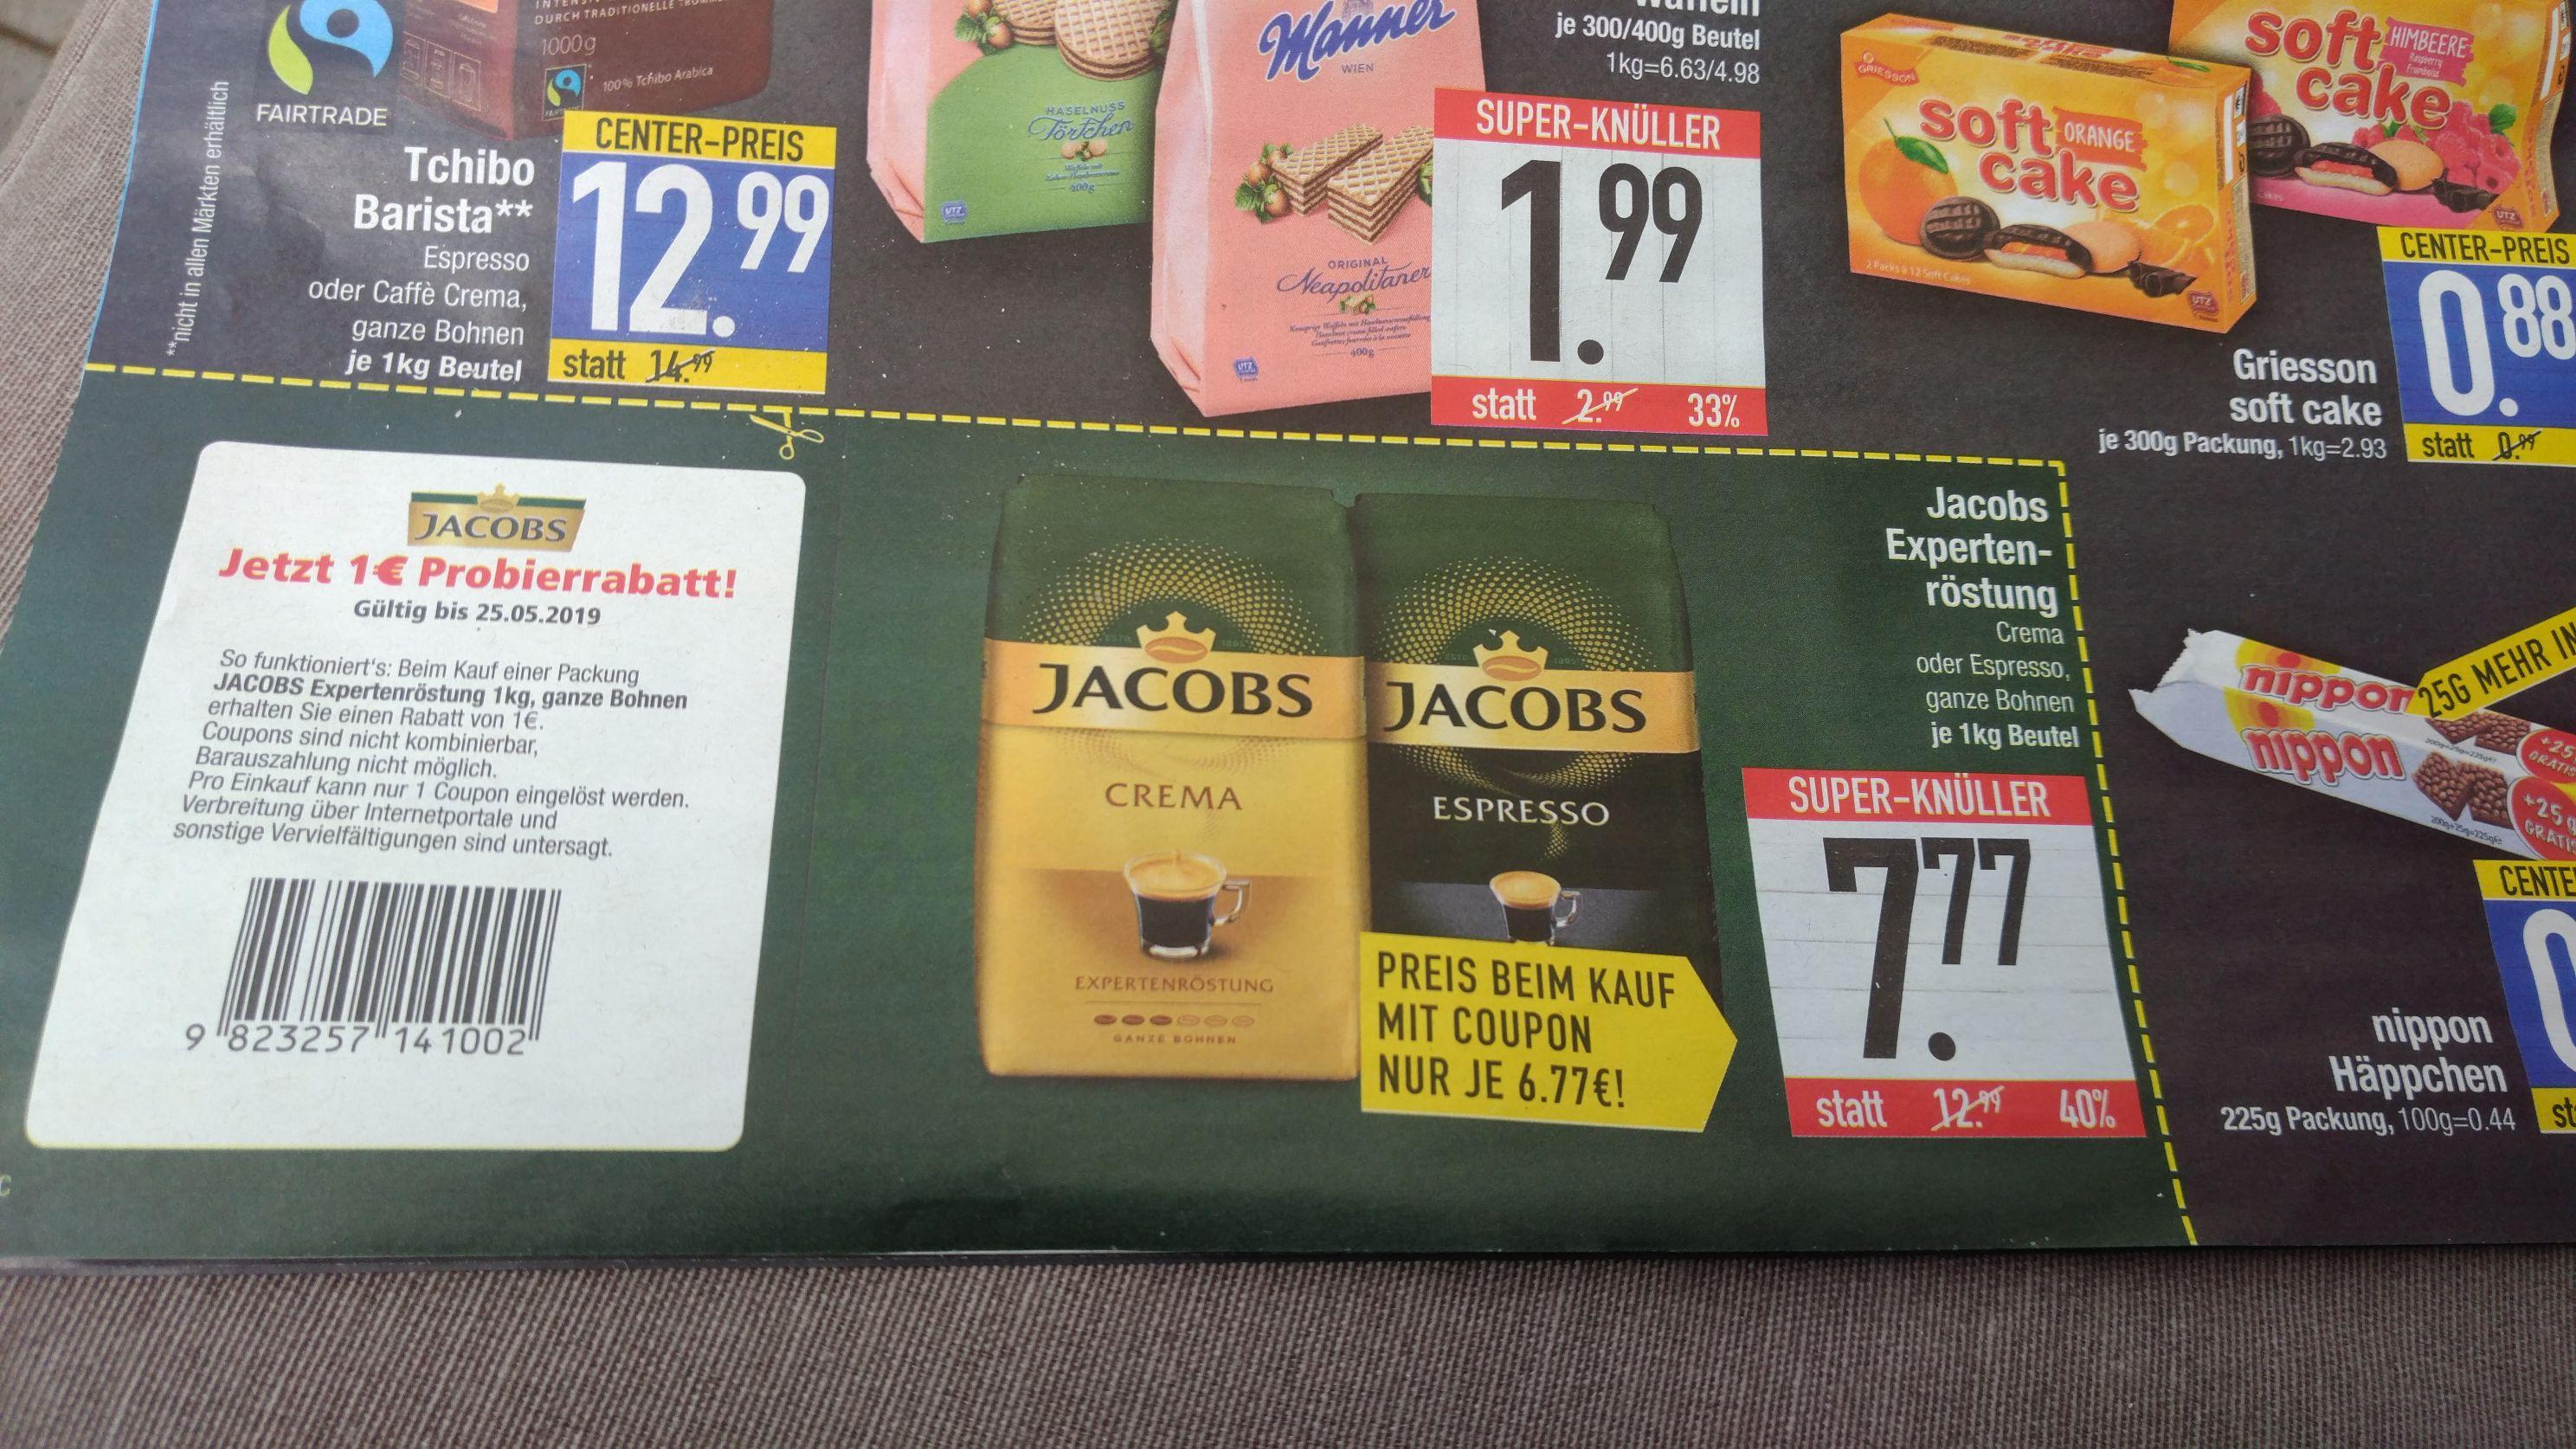 Jacobs Expertenröstung 1Kg Crema o. Espresso ganze Bohne evtl. Lokal